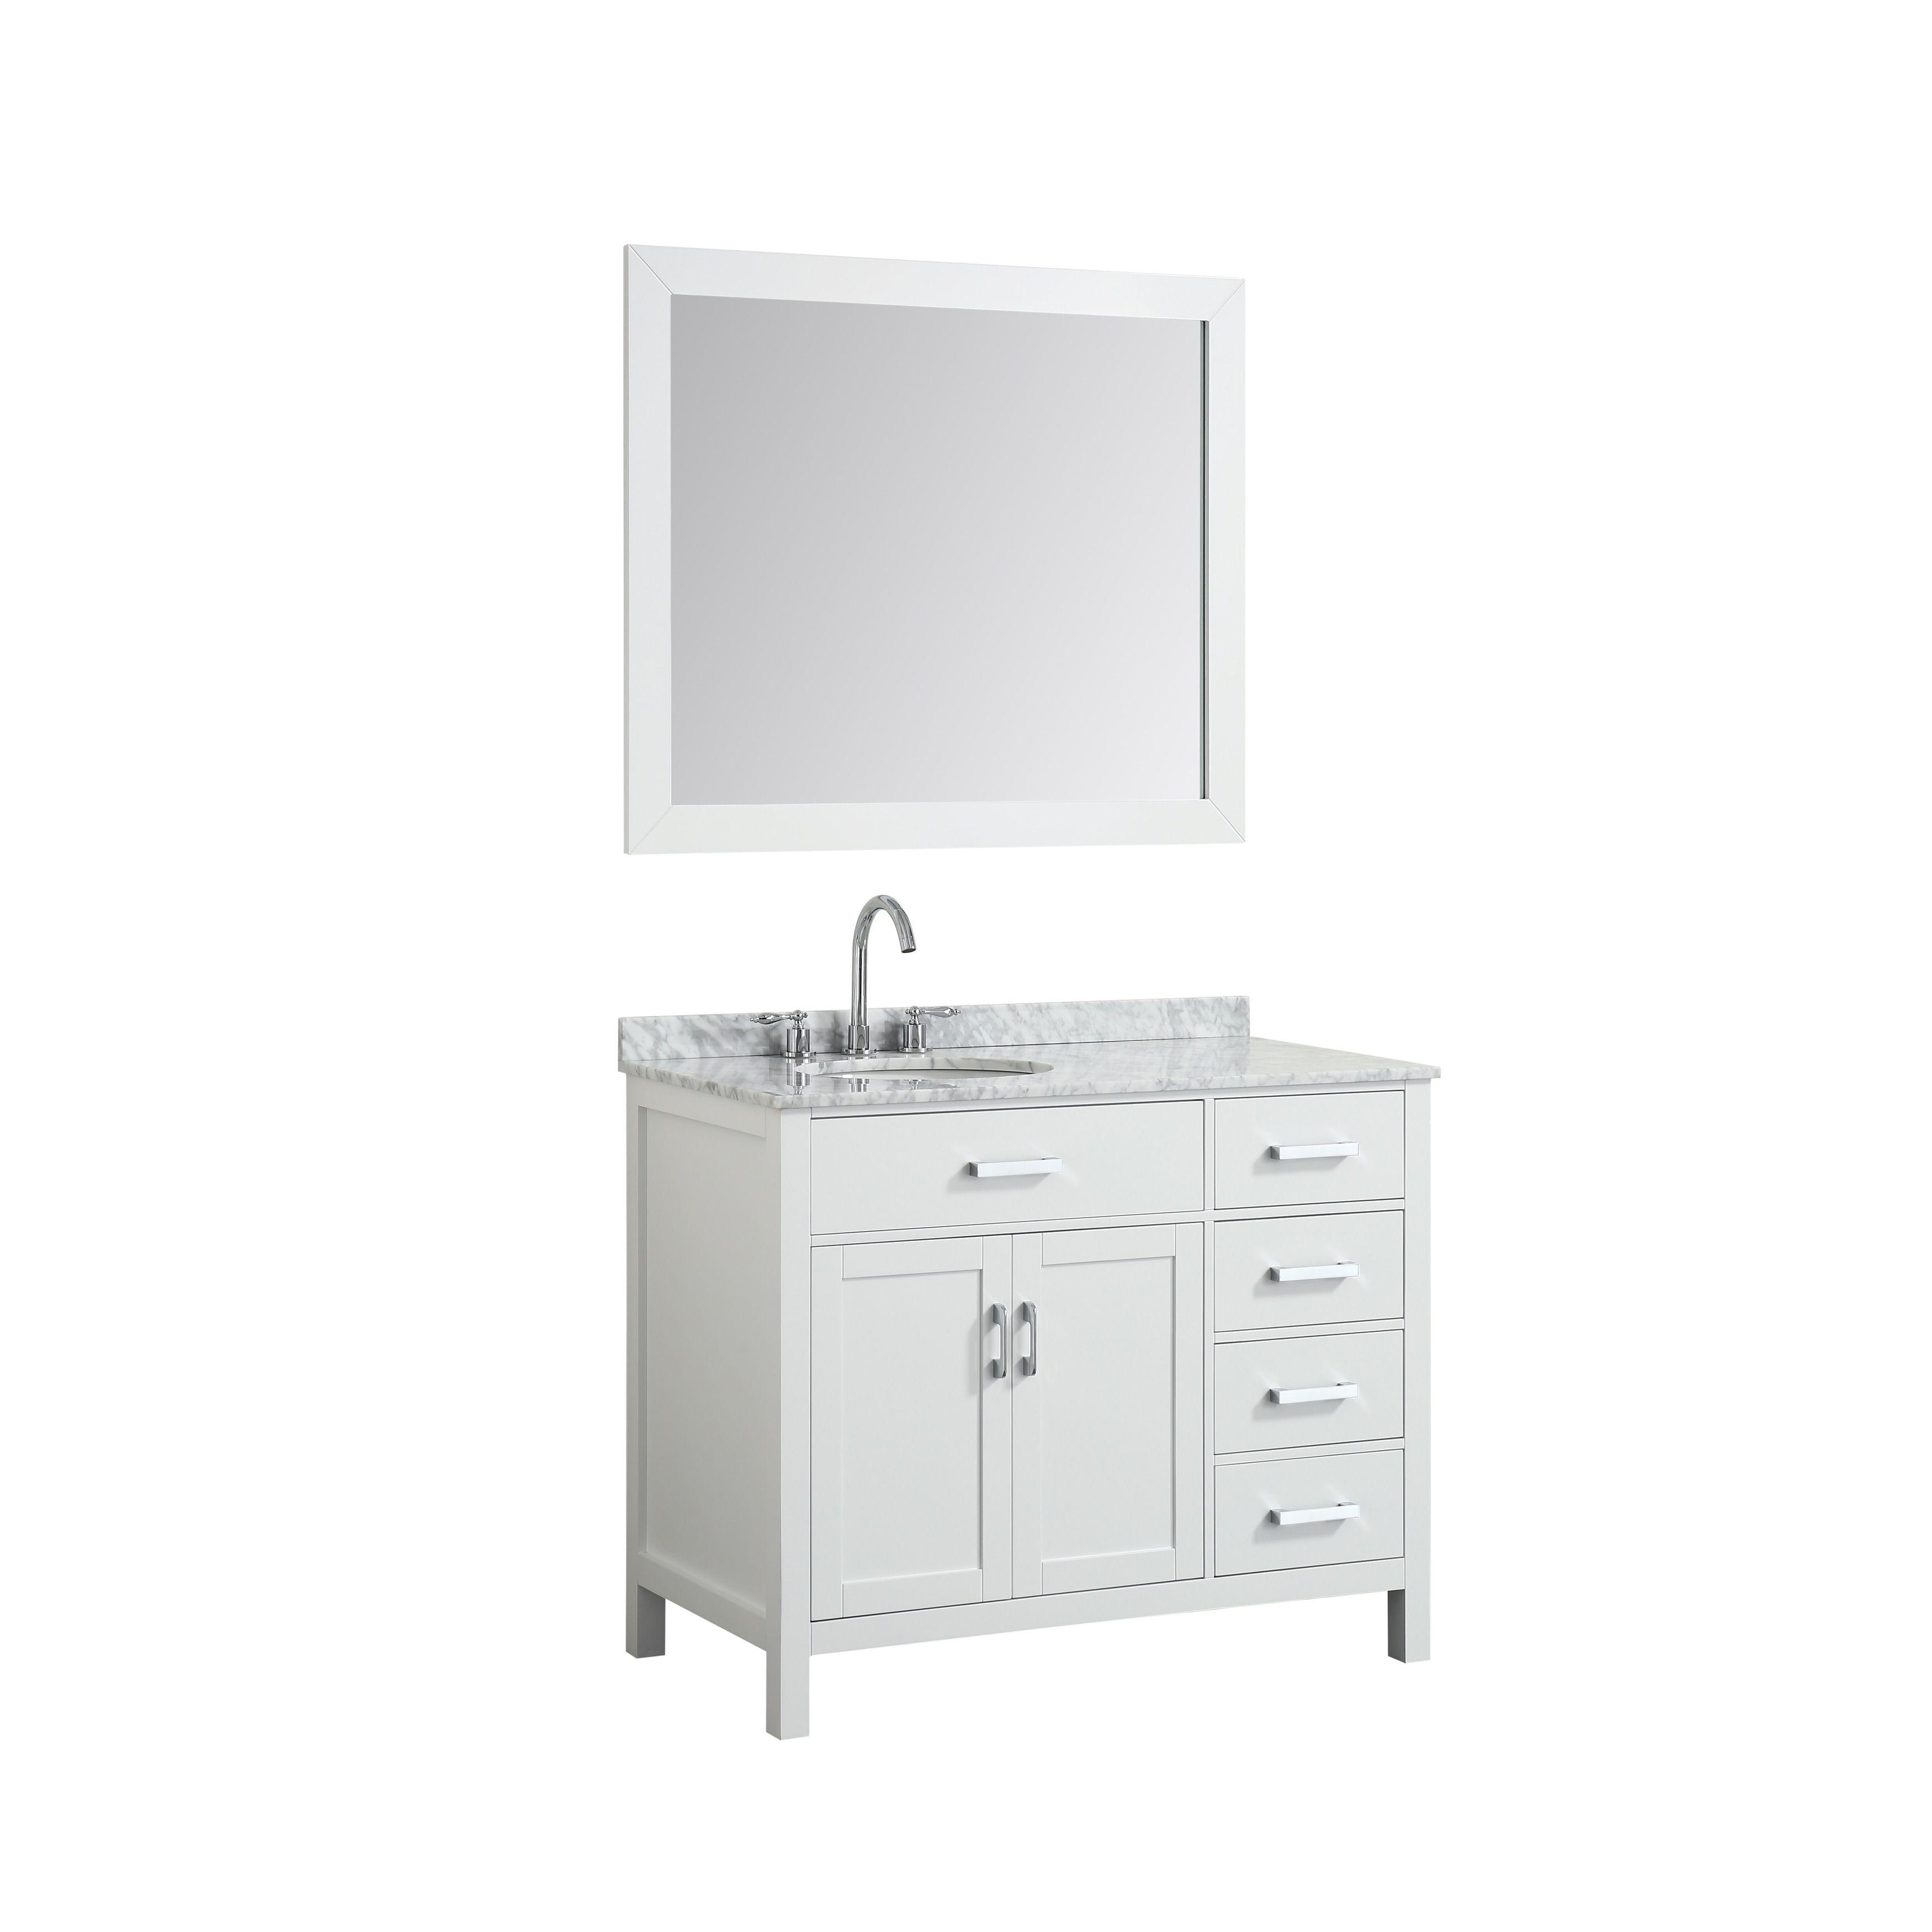 Belmont Decor Hampton 43 Single Oval Sink Vanity Set W Left Offset In White Single Sink Bathroom Vanity Marble Vanity Tops Vanity